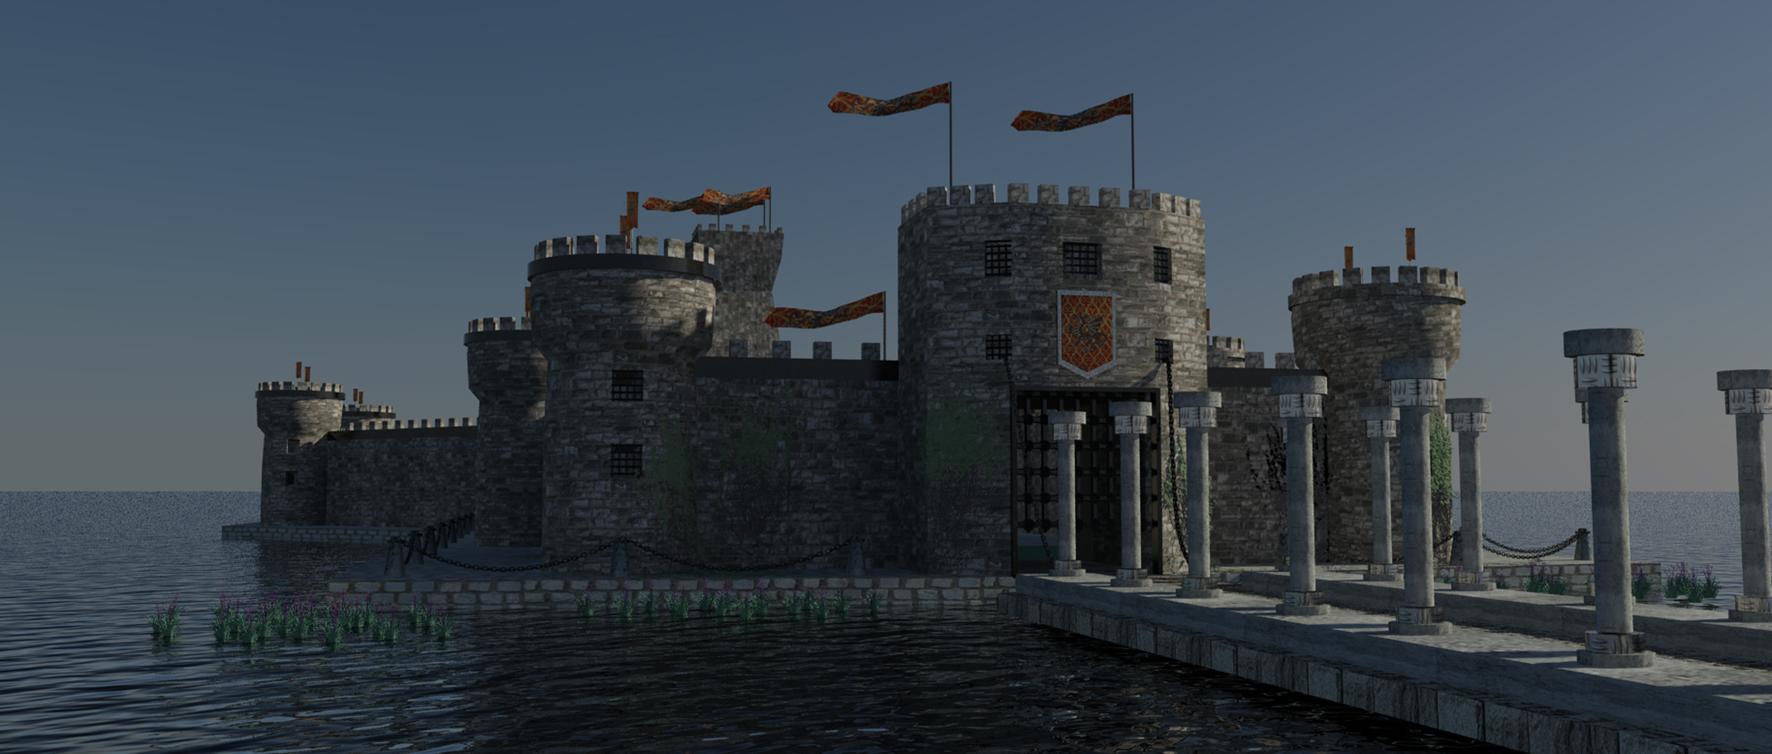 castilloagua 5.jpg